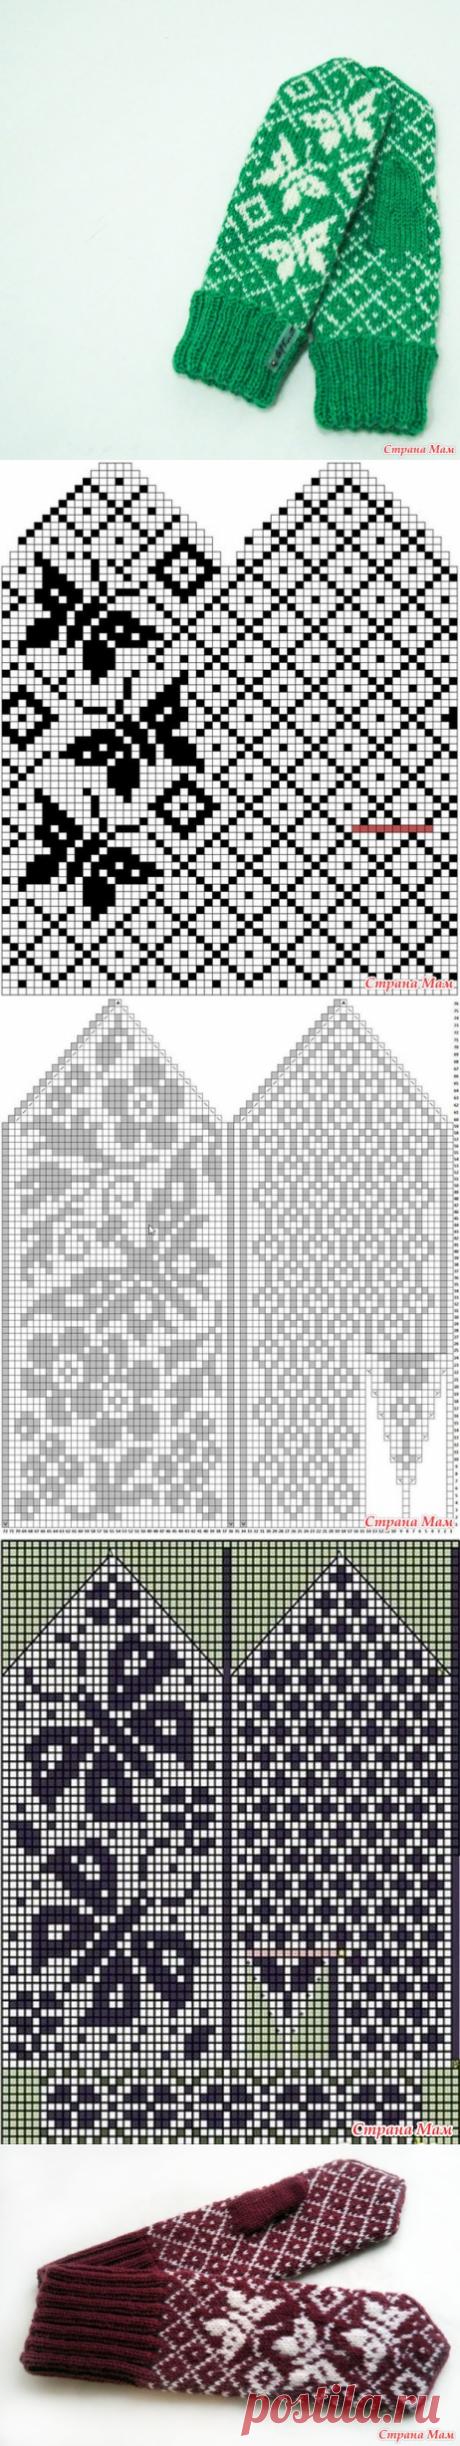 Вязаные варежки с бабочками жаккардом (орнаментом), описание - Вязание - Страна Мам